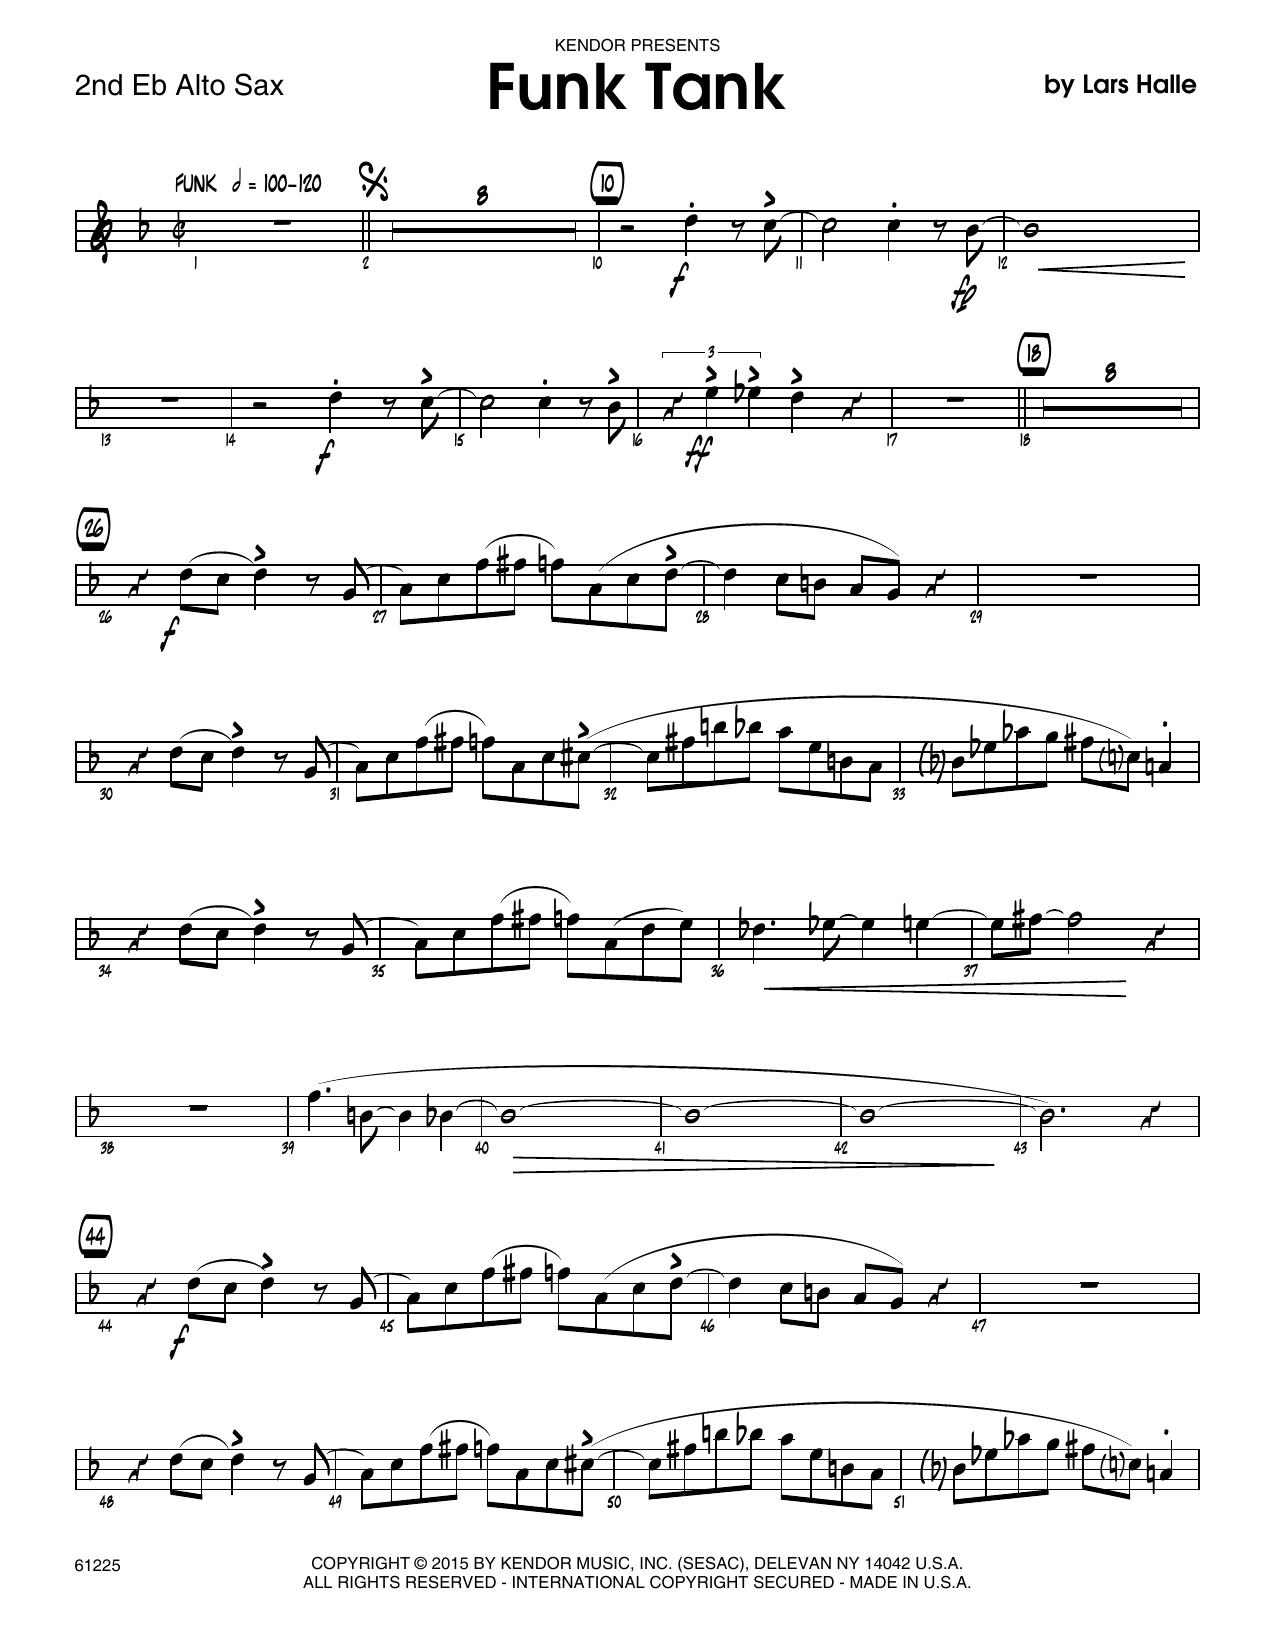 Funk Tank - 2nd Eb Alto Saxophone Sheet Music